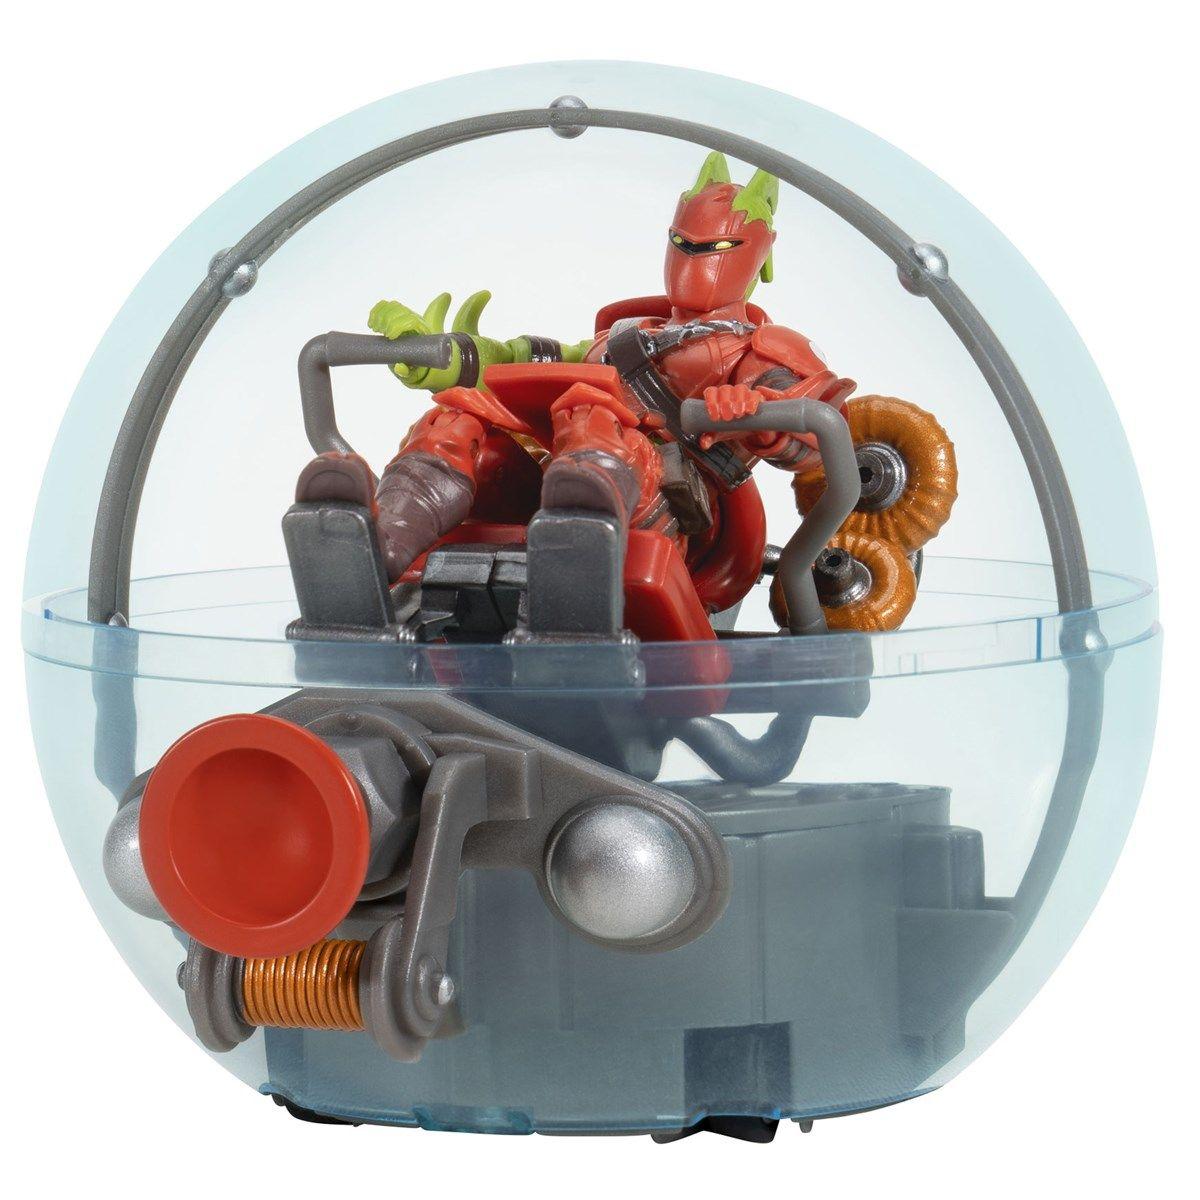 Fortnite - Baller RC (922-0381)